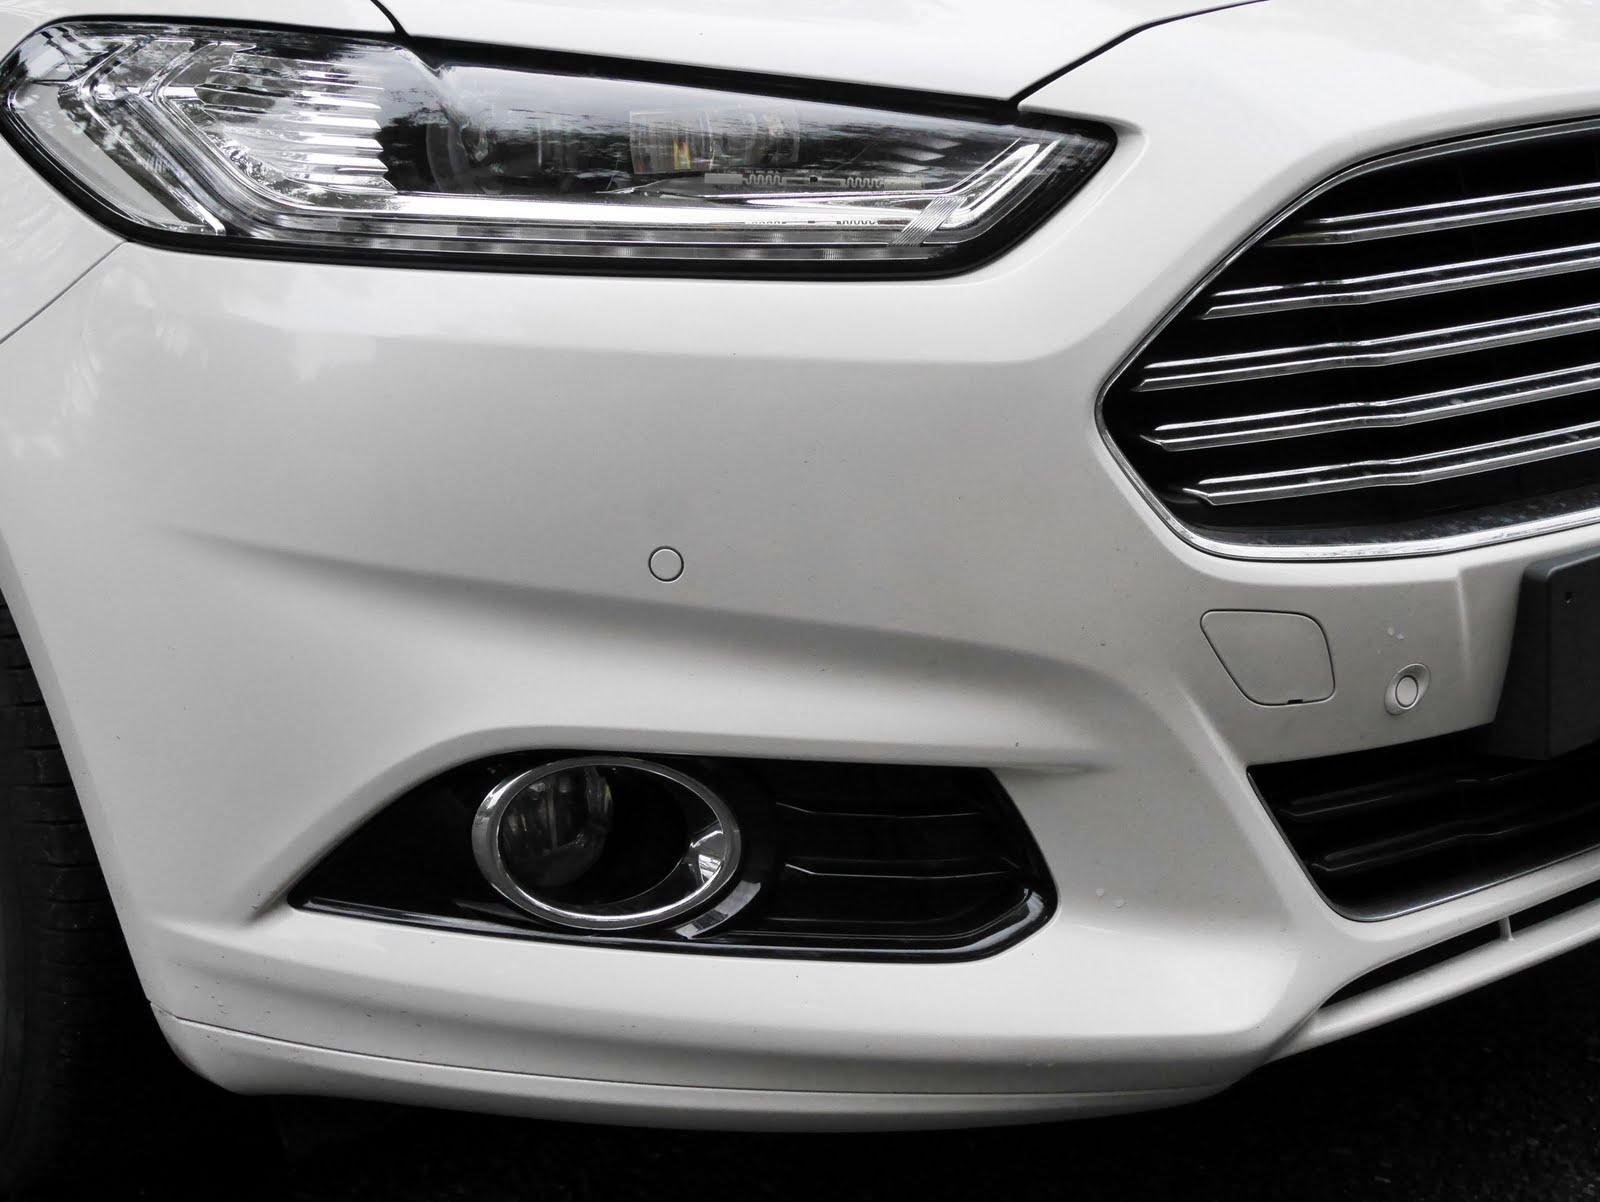 謝寶幸福窩: [福特六合]2015 FORD歐洲進口 New Mondeo TDCI初評價 (非專業的試駕文)